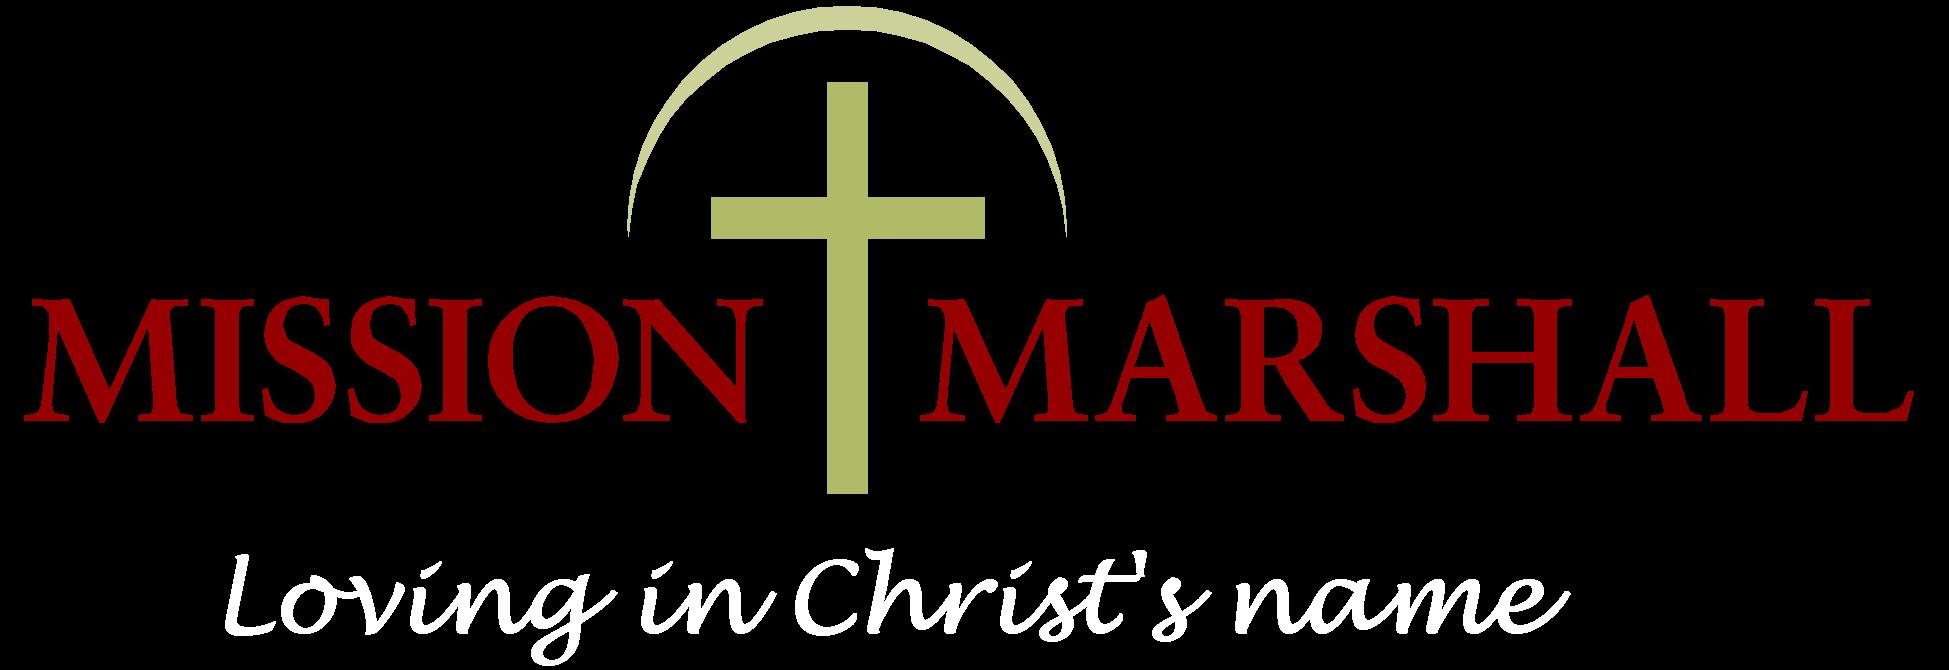 Mission Marshall